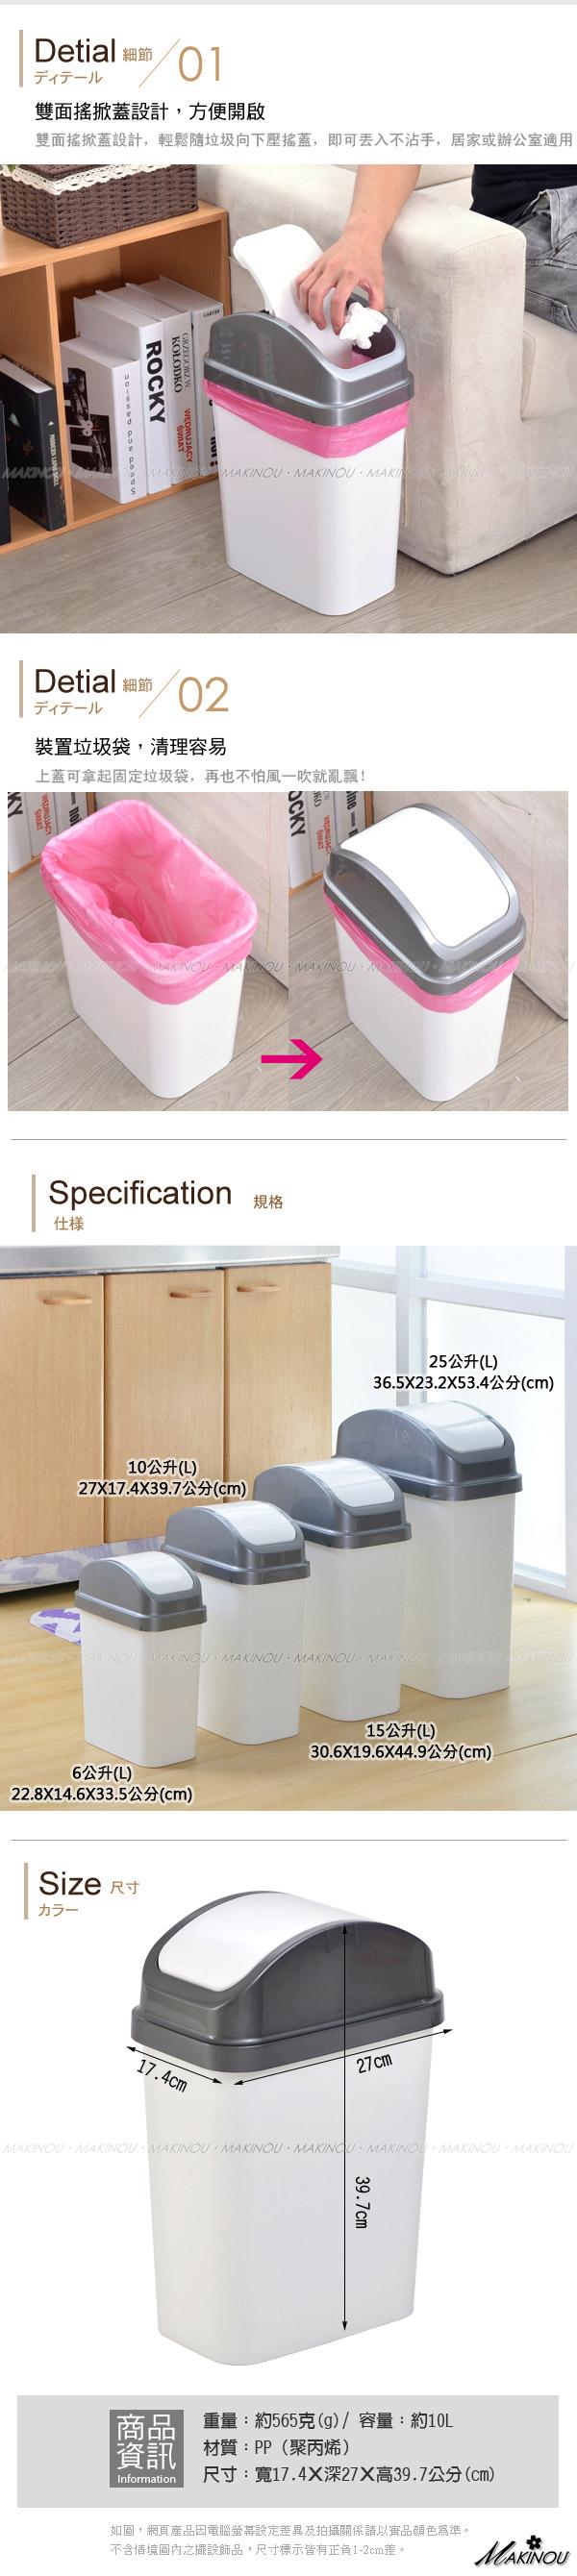 垃圾桶,收纳筒,厨余回收桶